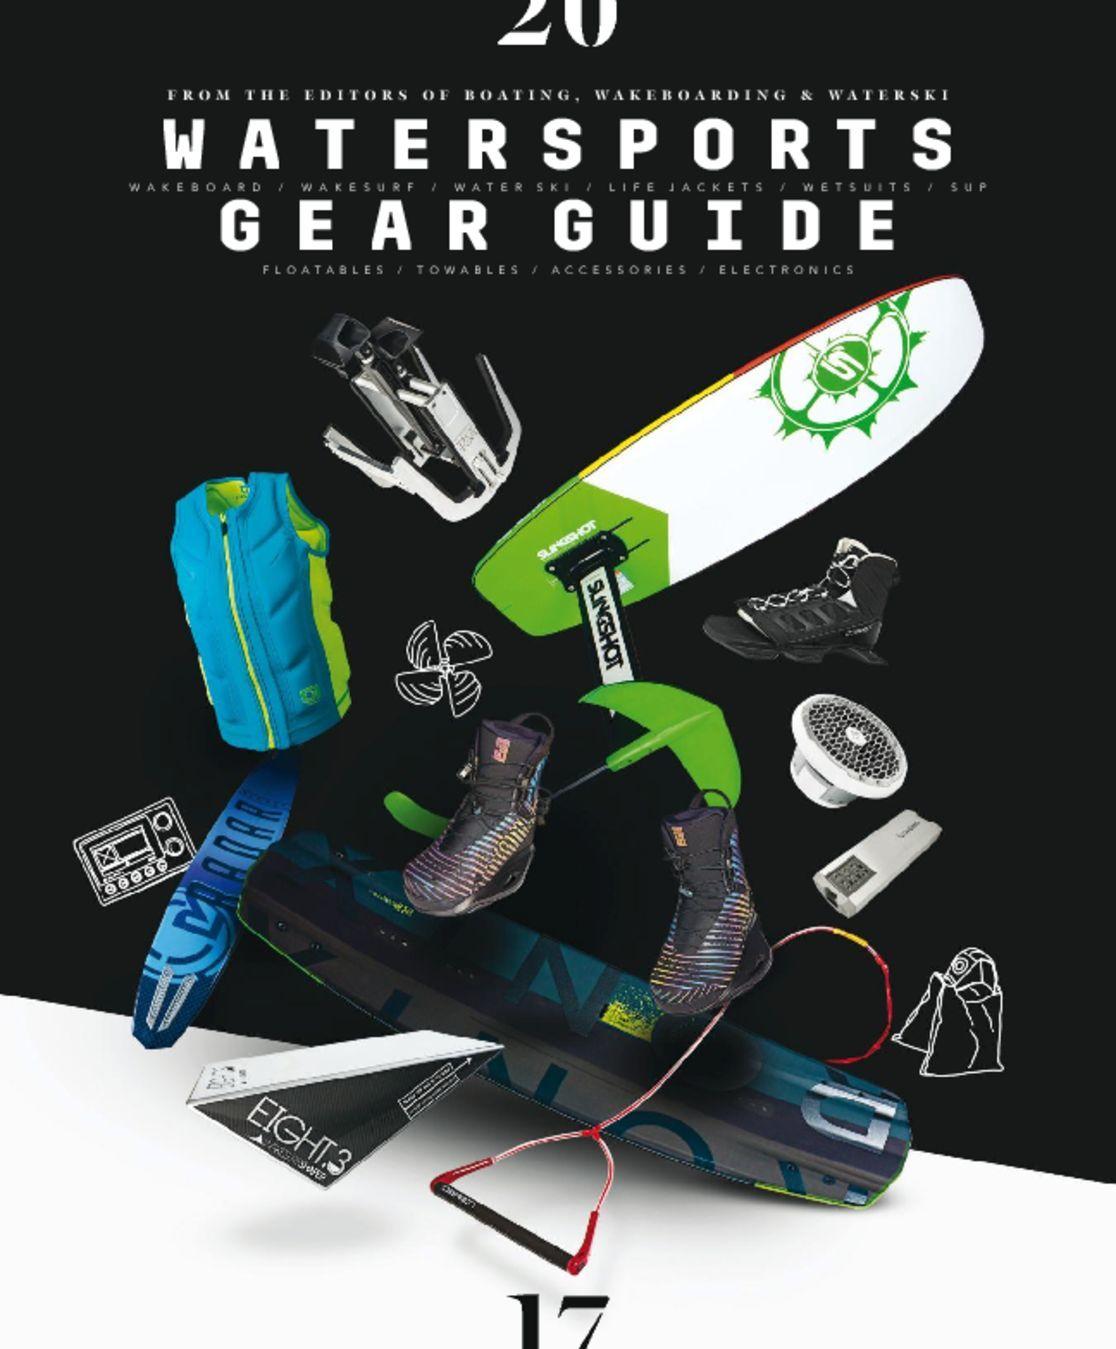 2015 Watersports Gear Guide Digital